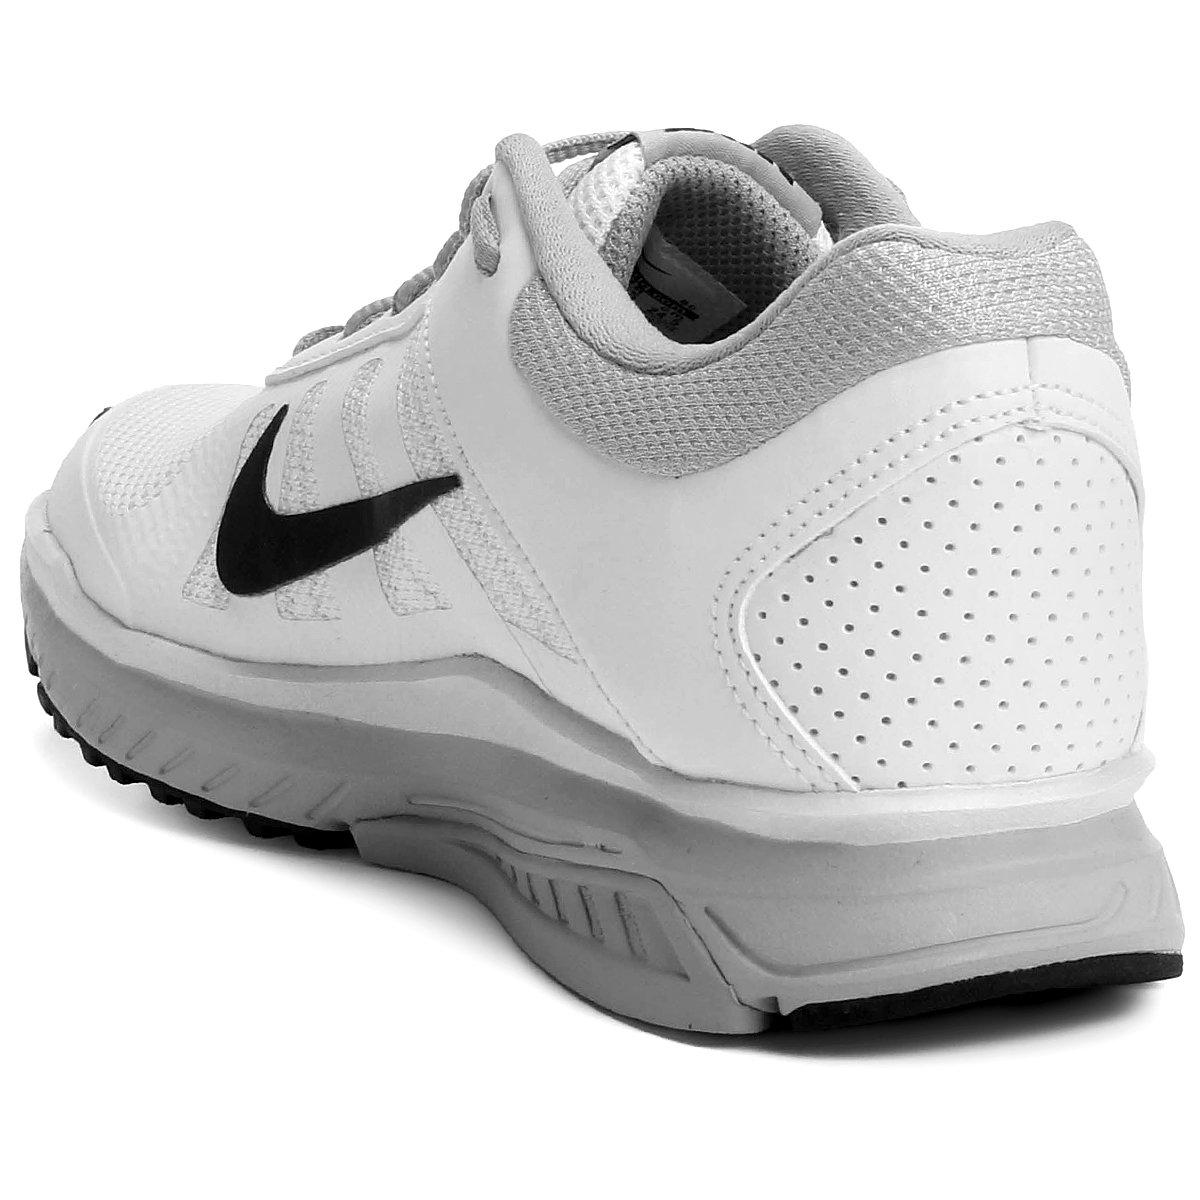 Tênis Nike Dart 12 MSL Feminino - Branco e Preto - Compre Agora ... e936dbb237a56